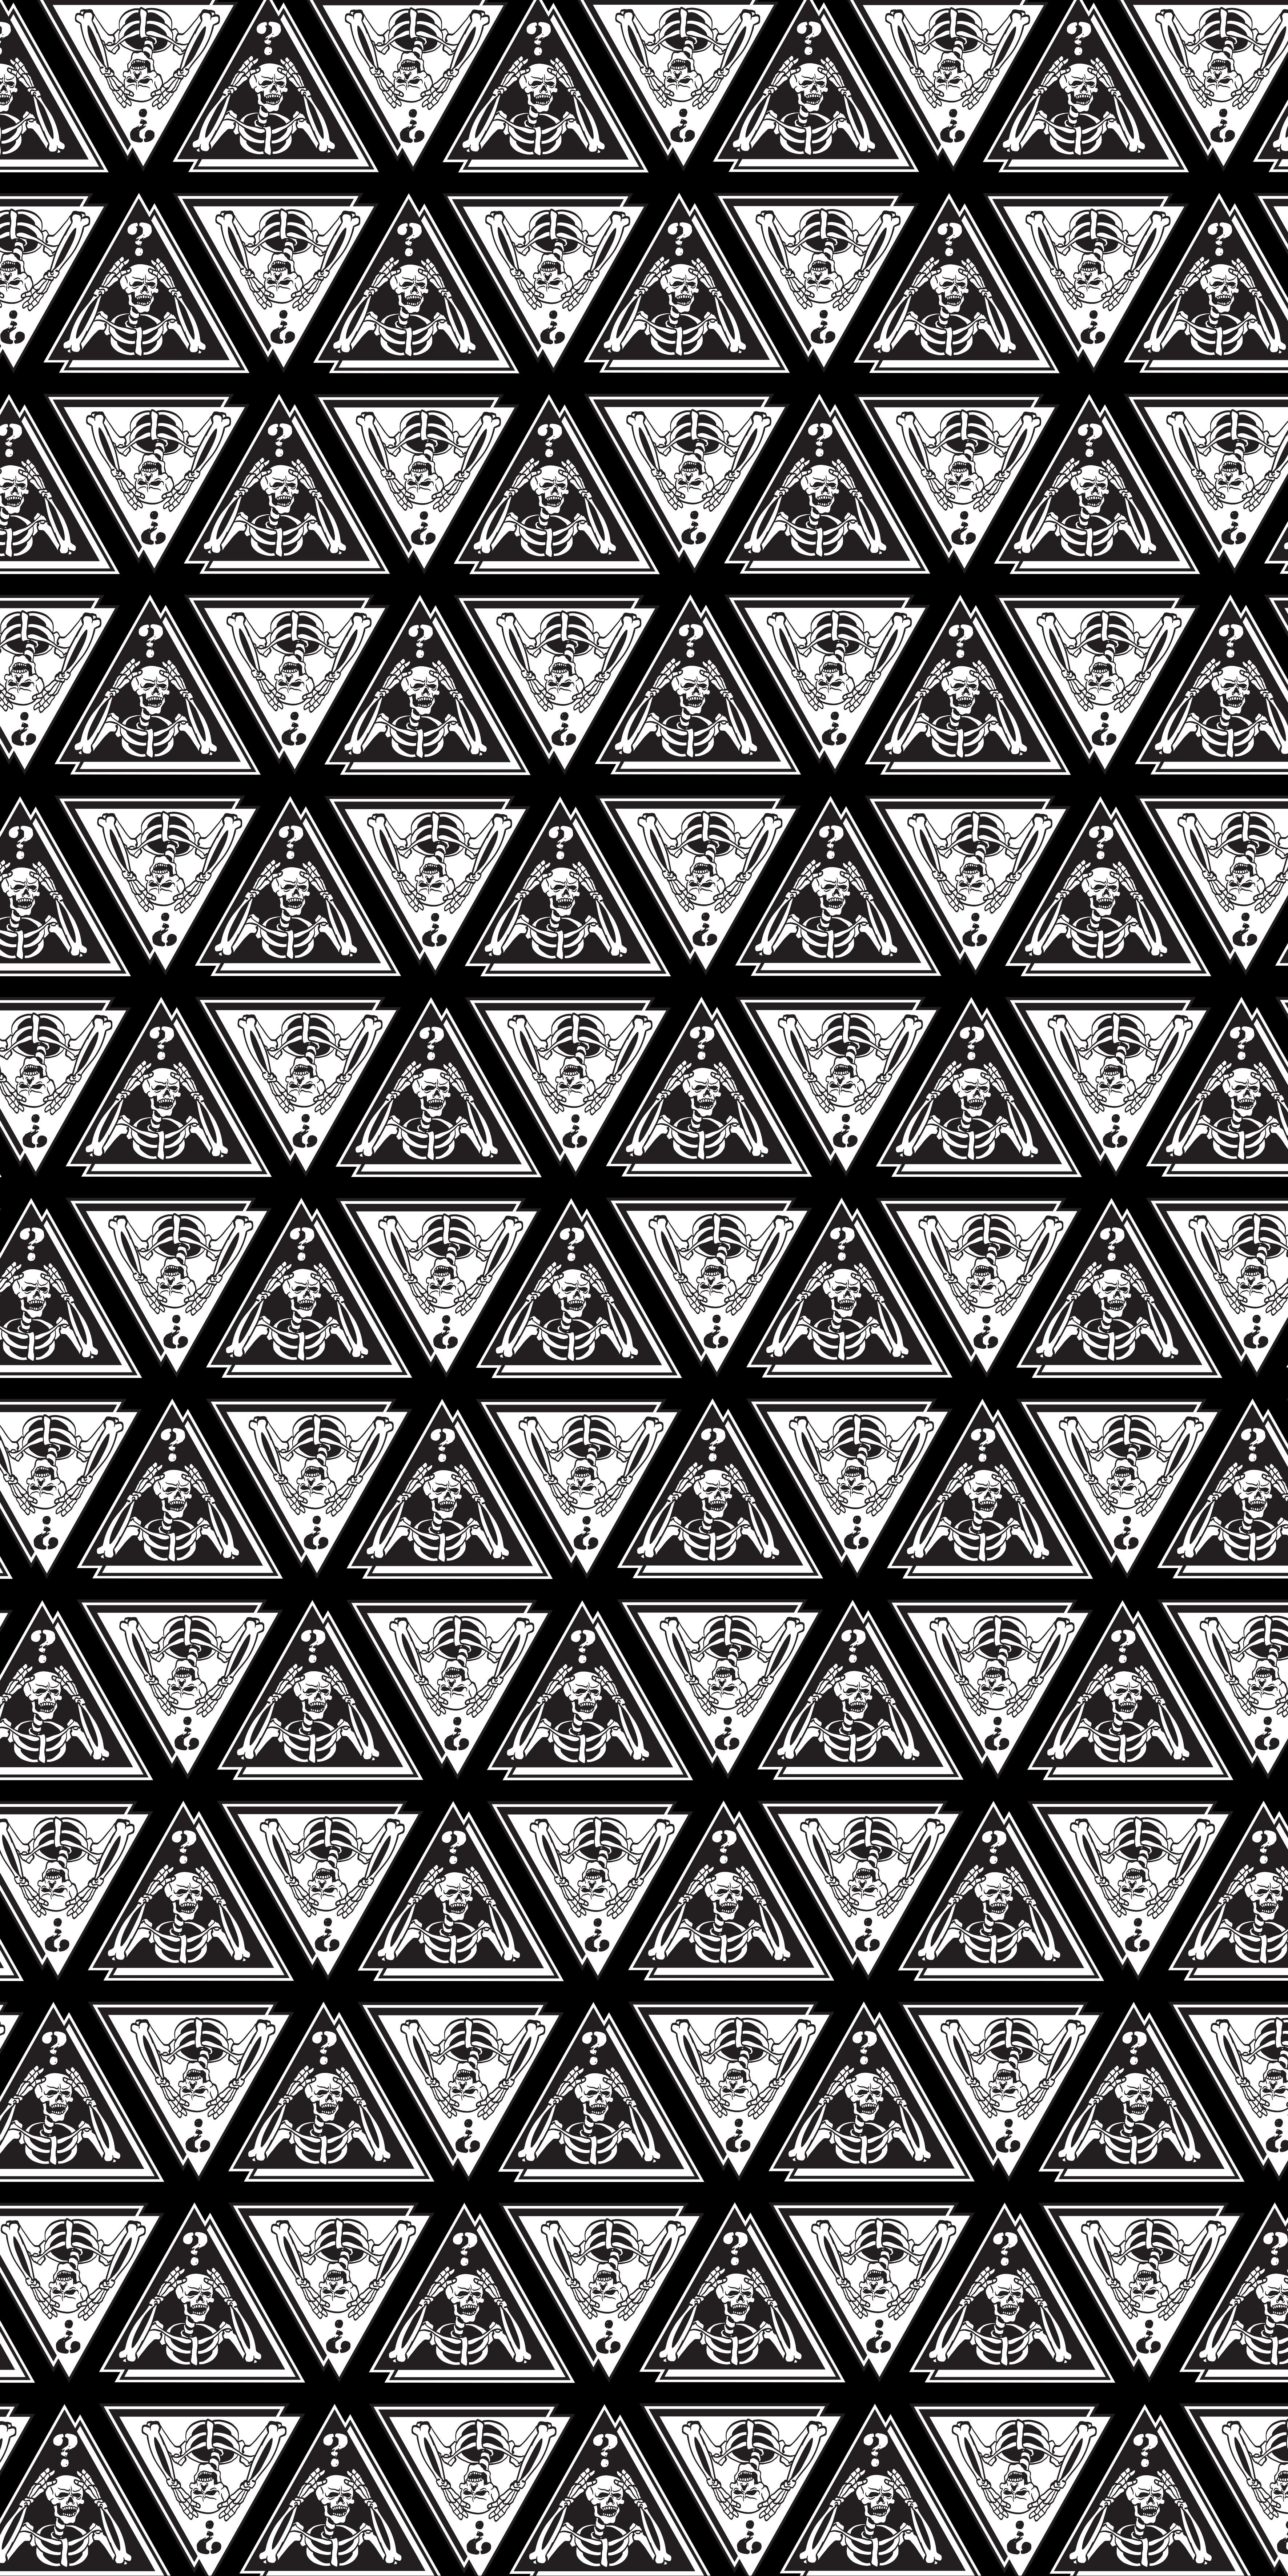 Meme Skull seamless pattern illustration to appeal